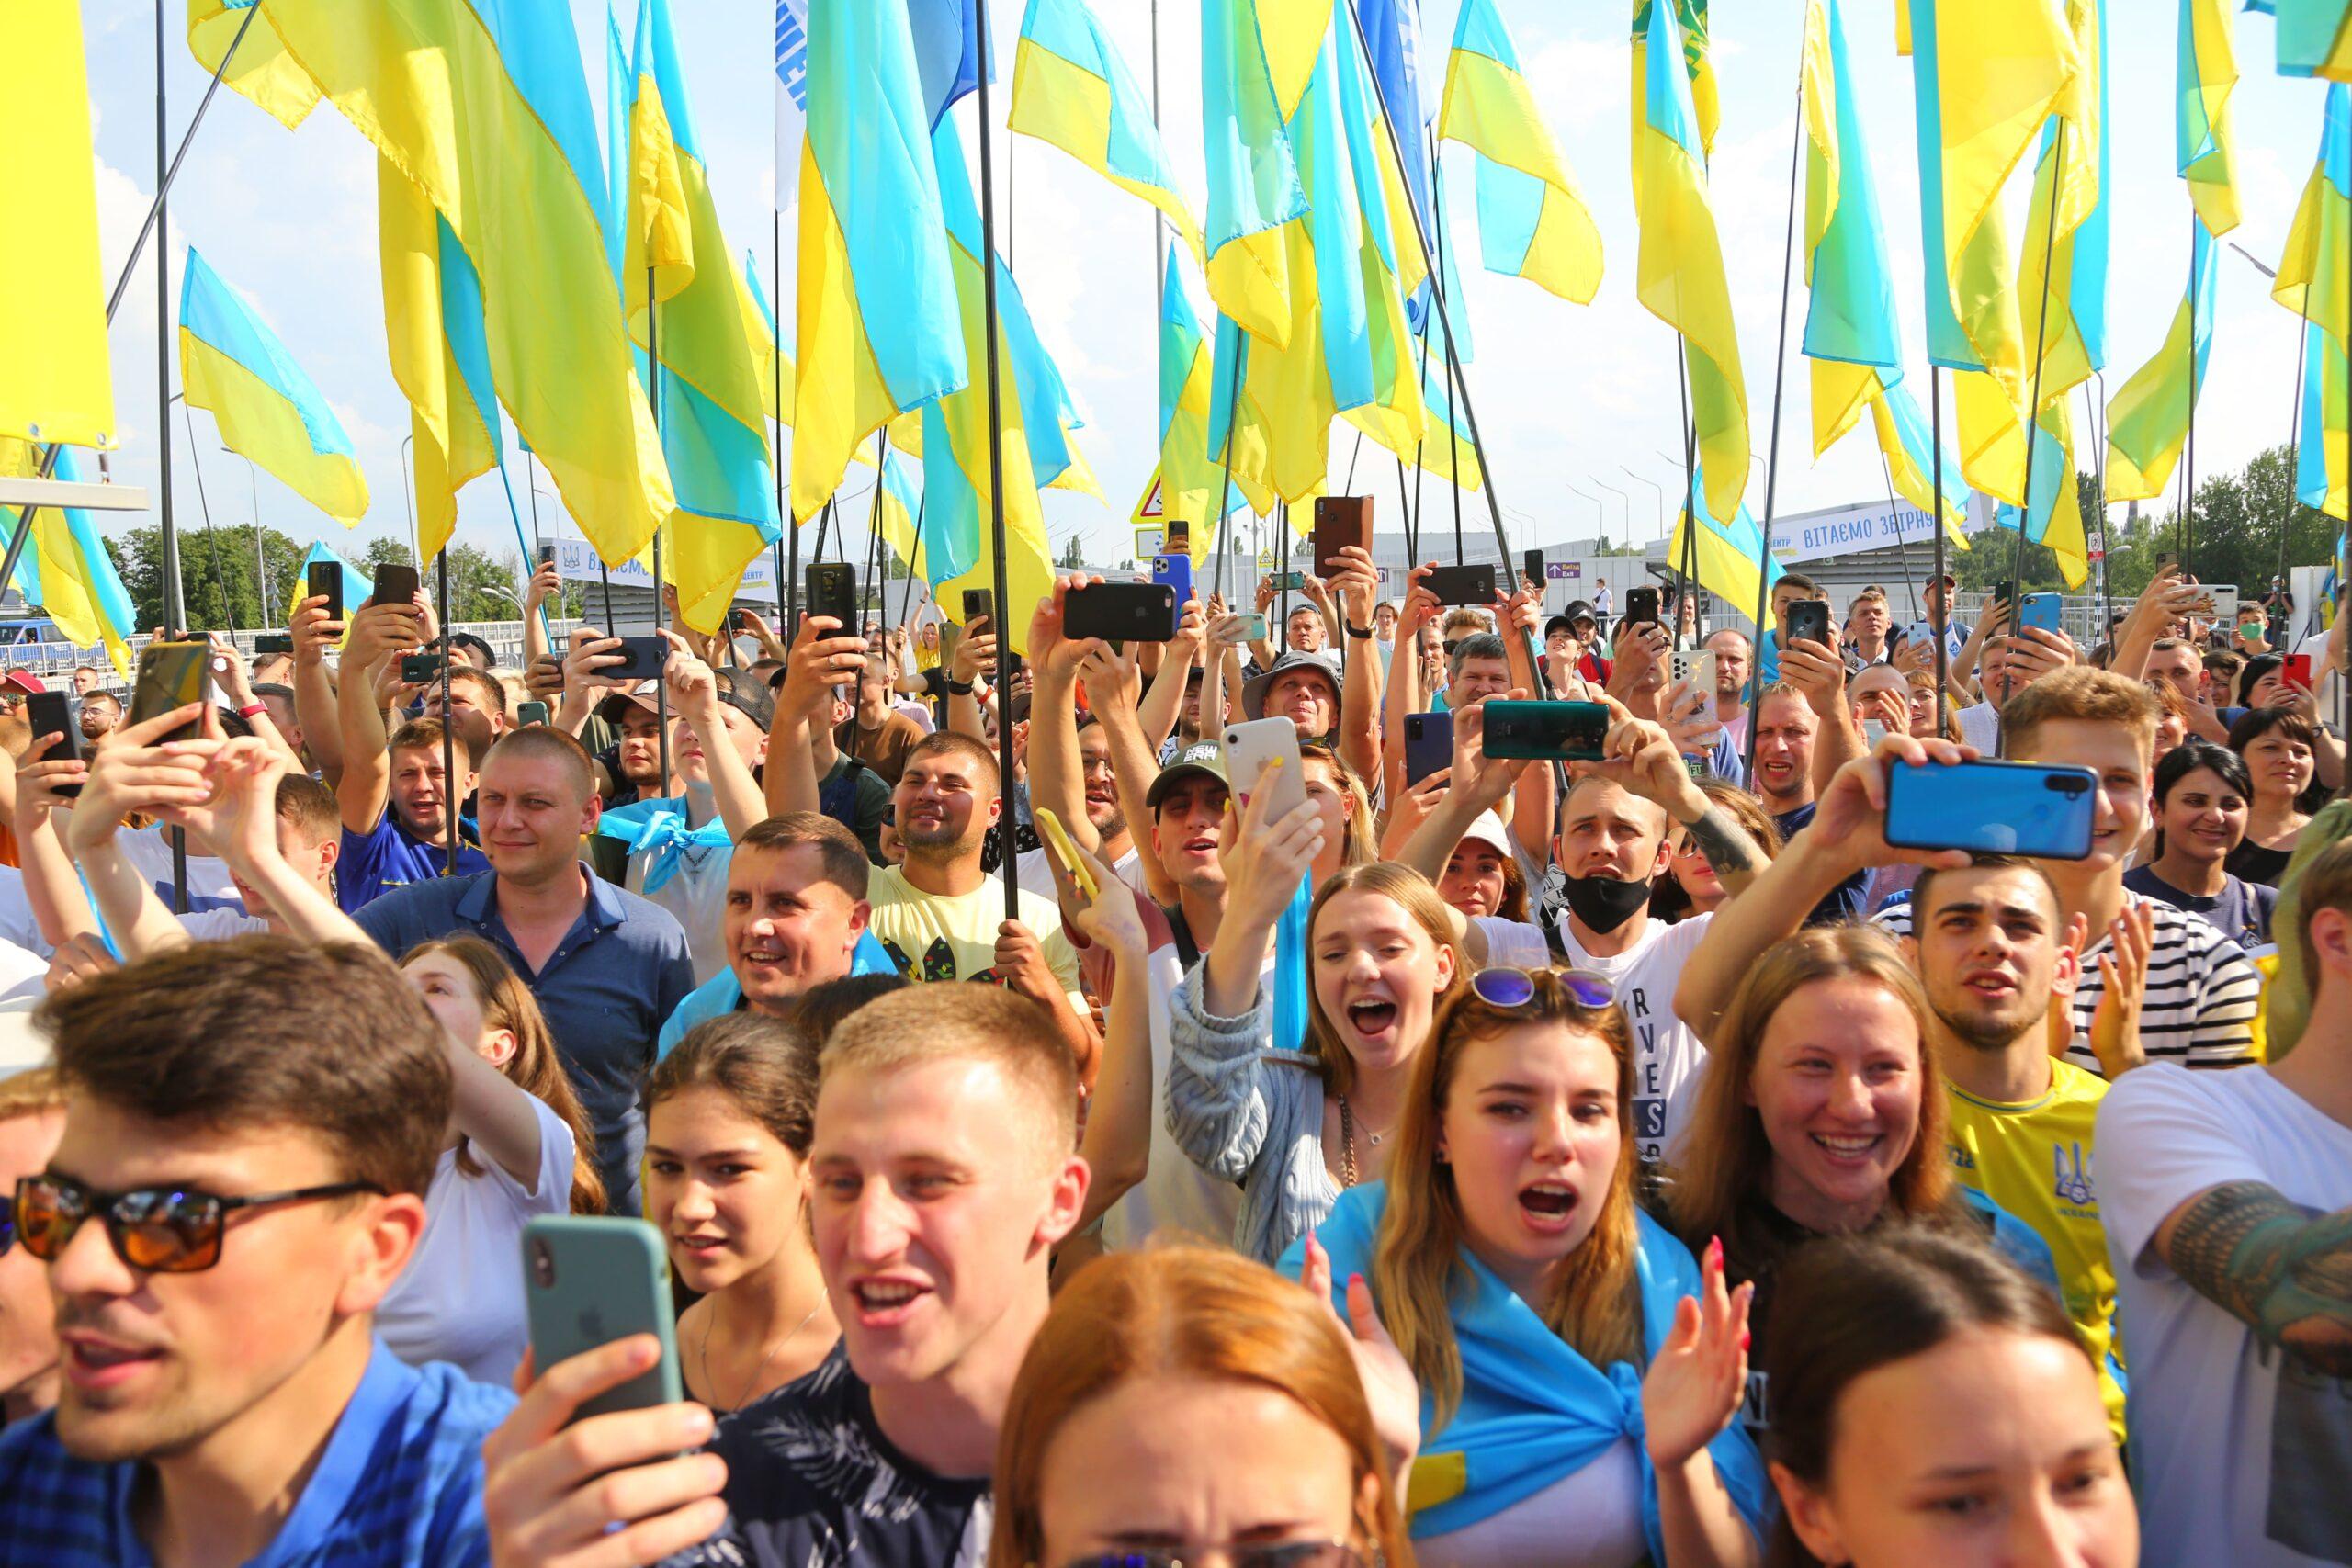 Збірну України фантастично зустріли у Борисполі після гри у чвертьфіналі Євро-2020